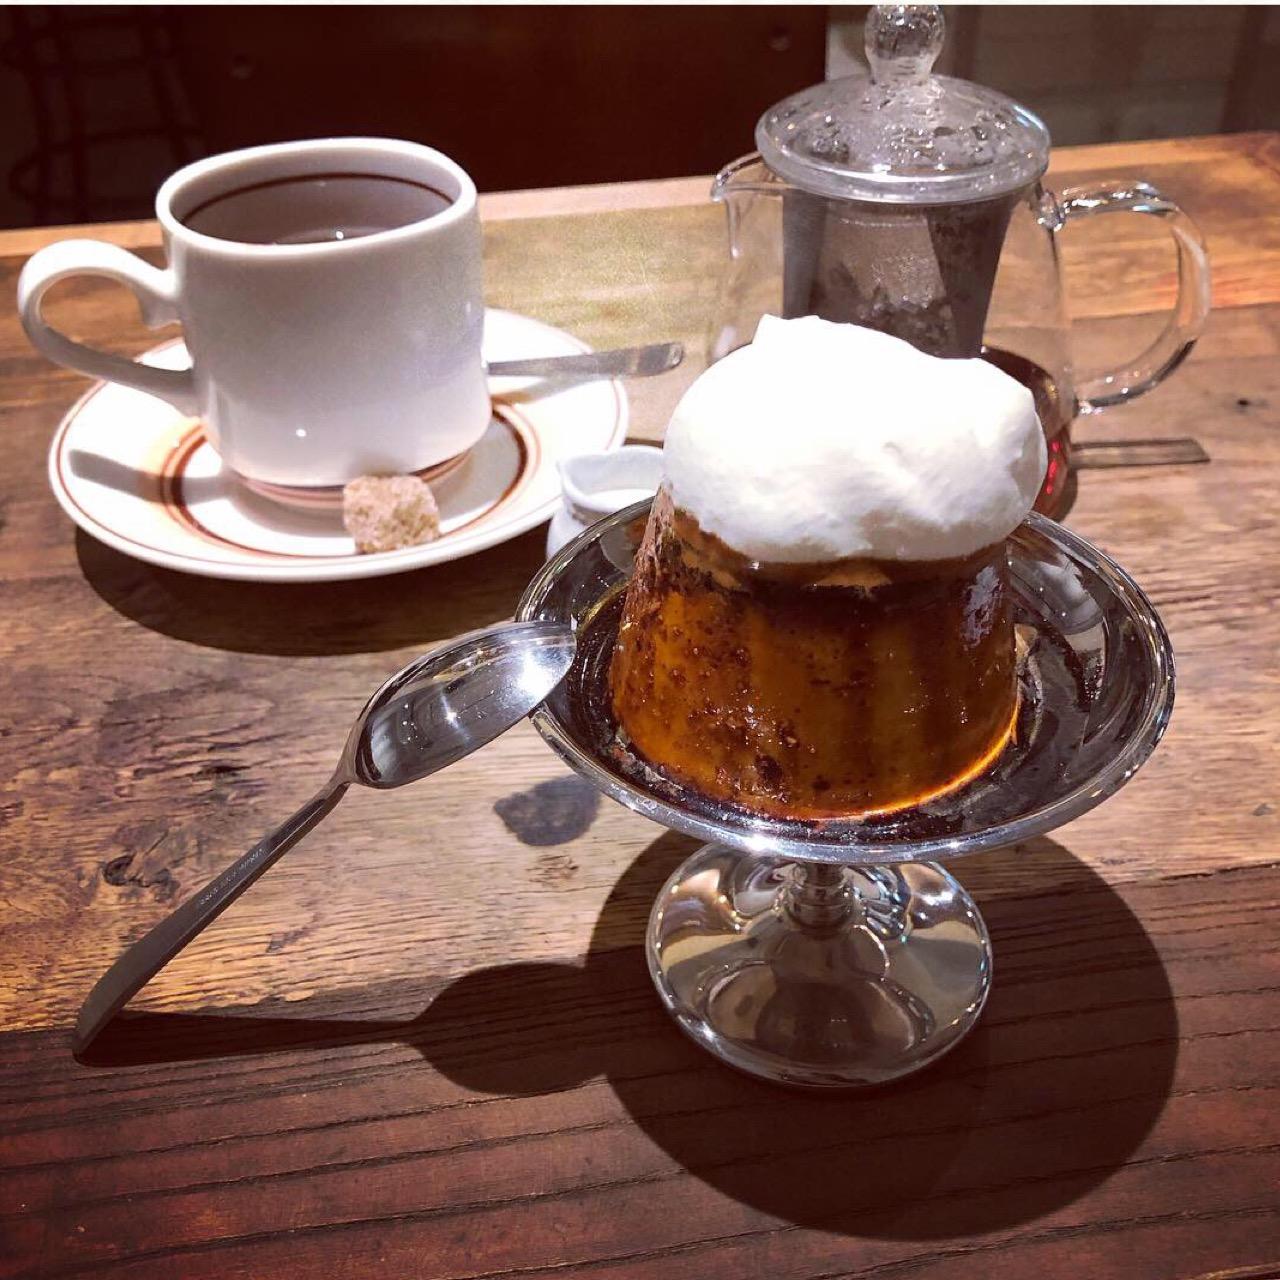 麹町の小さなカフェで食べられる♡レトロなビジュアルがオシャレでおいしいプリン!_4